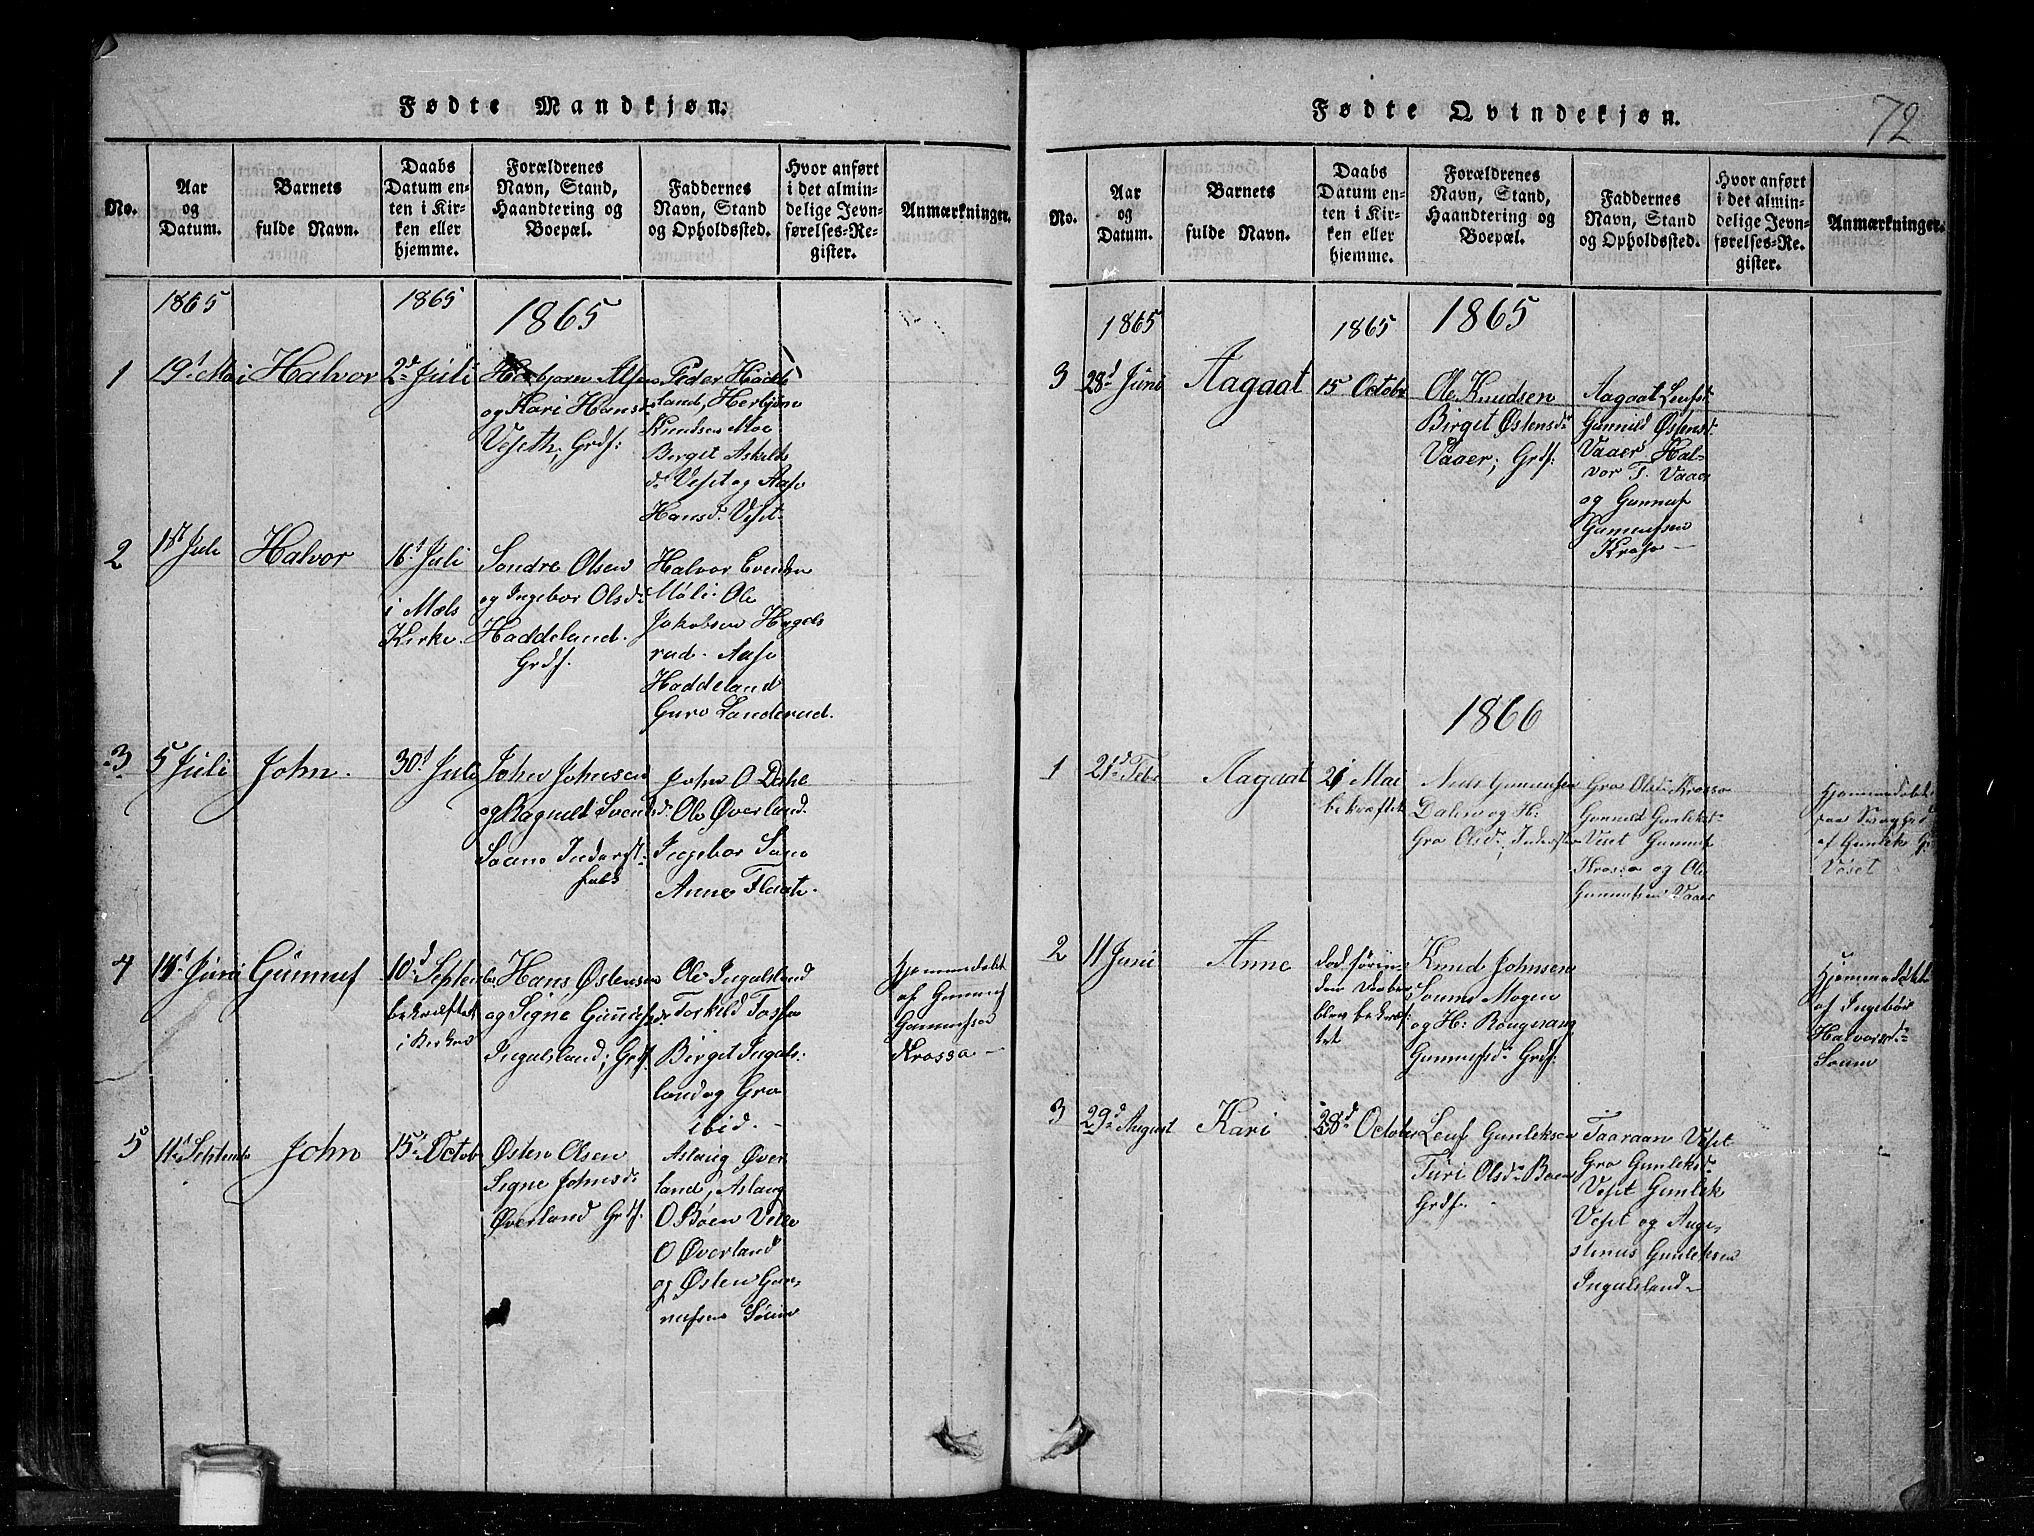 SAKO, Tinn kirkebøker, G/Gc/L0001: Klokkerbok nr. III 1, 1815-1879, s. 72